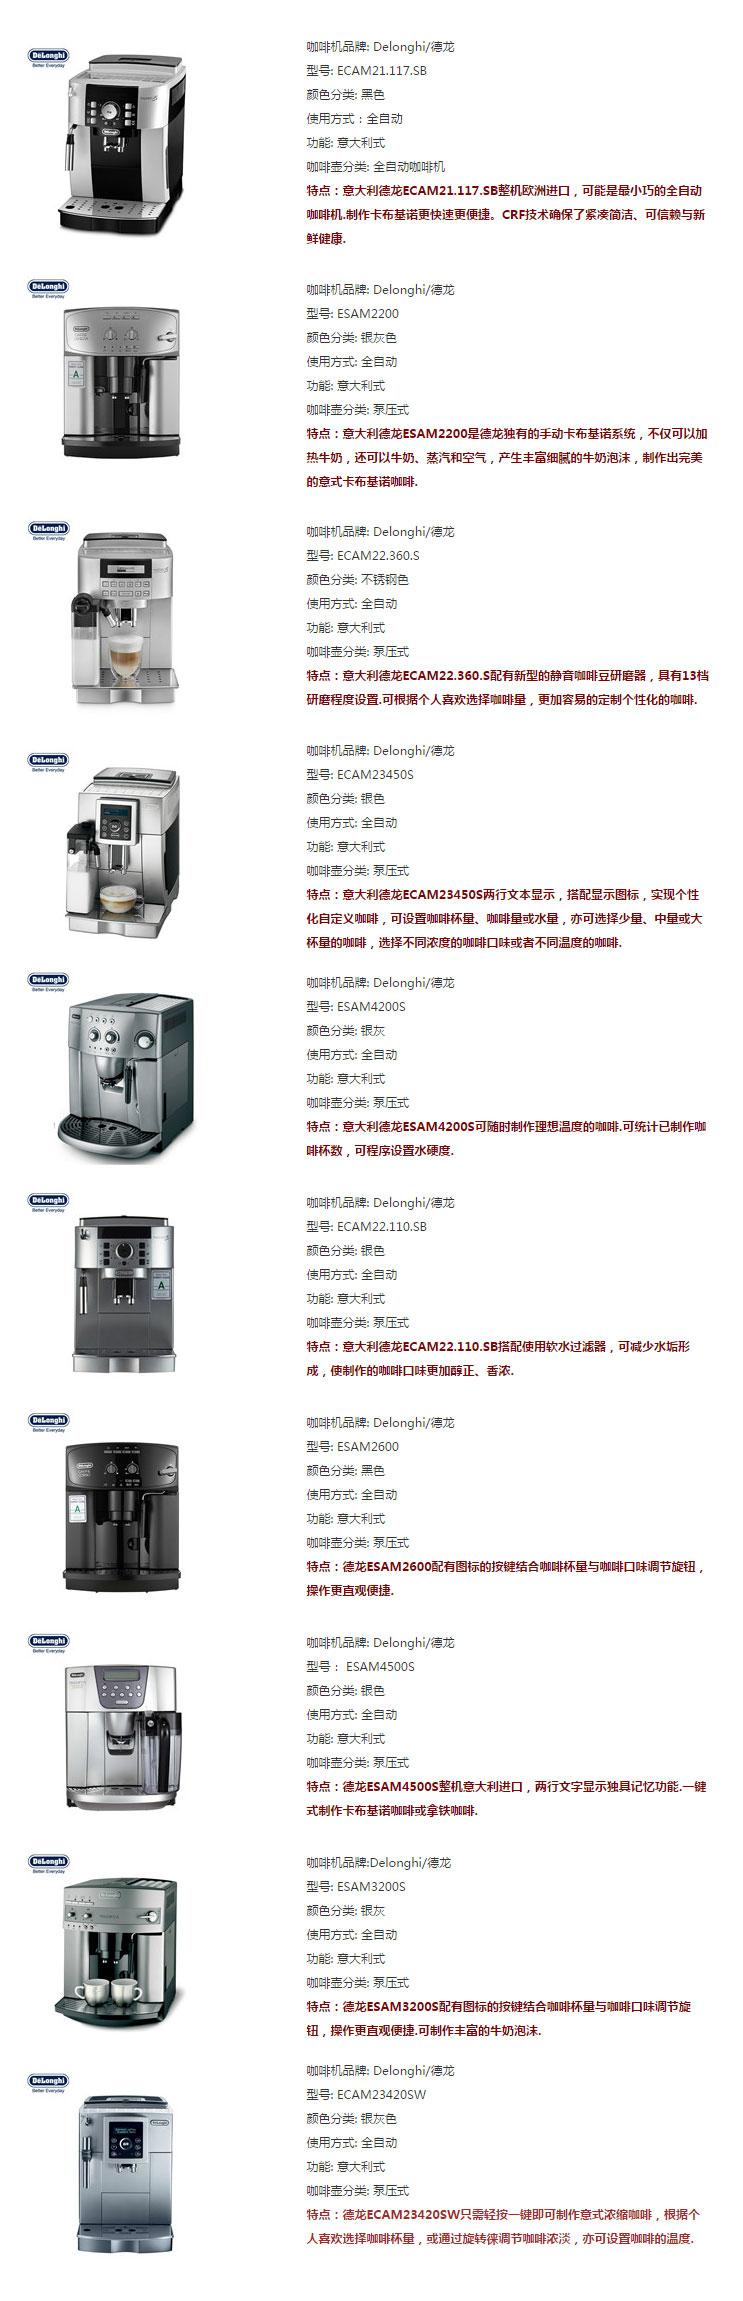 德龙全自动咖啡机.jpg